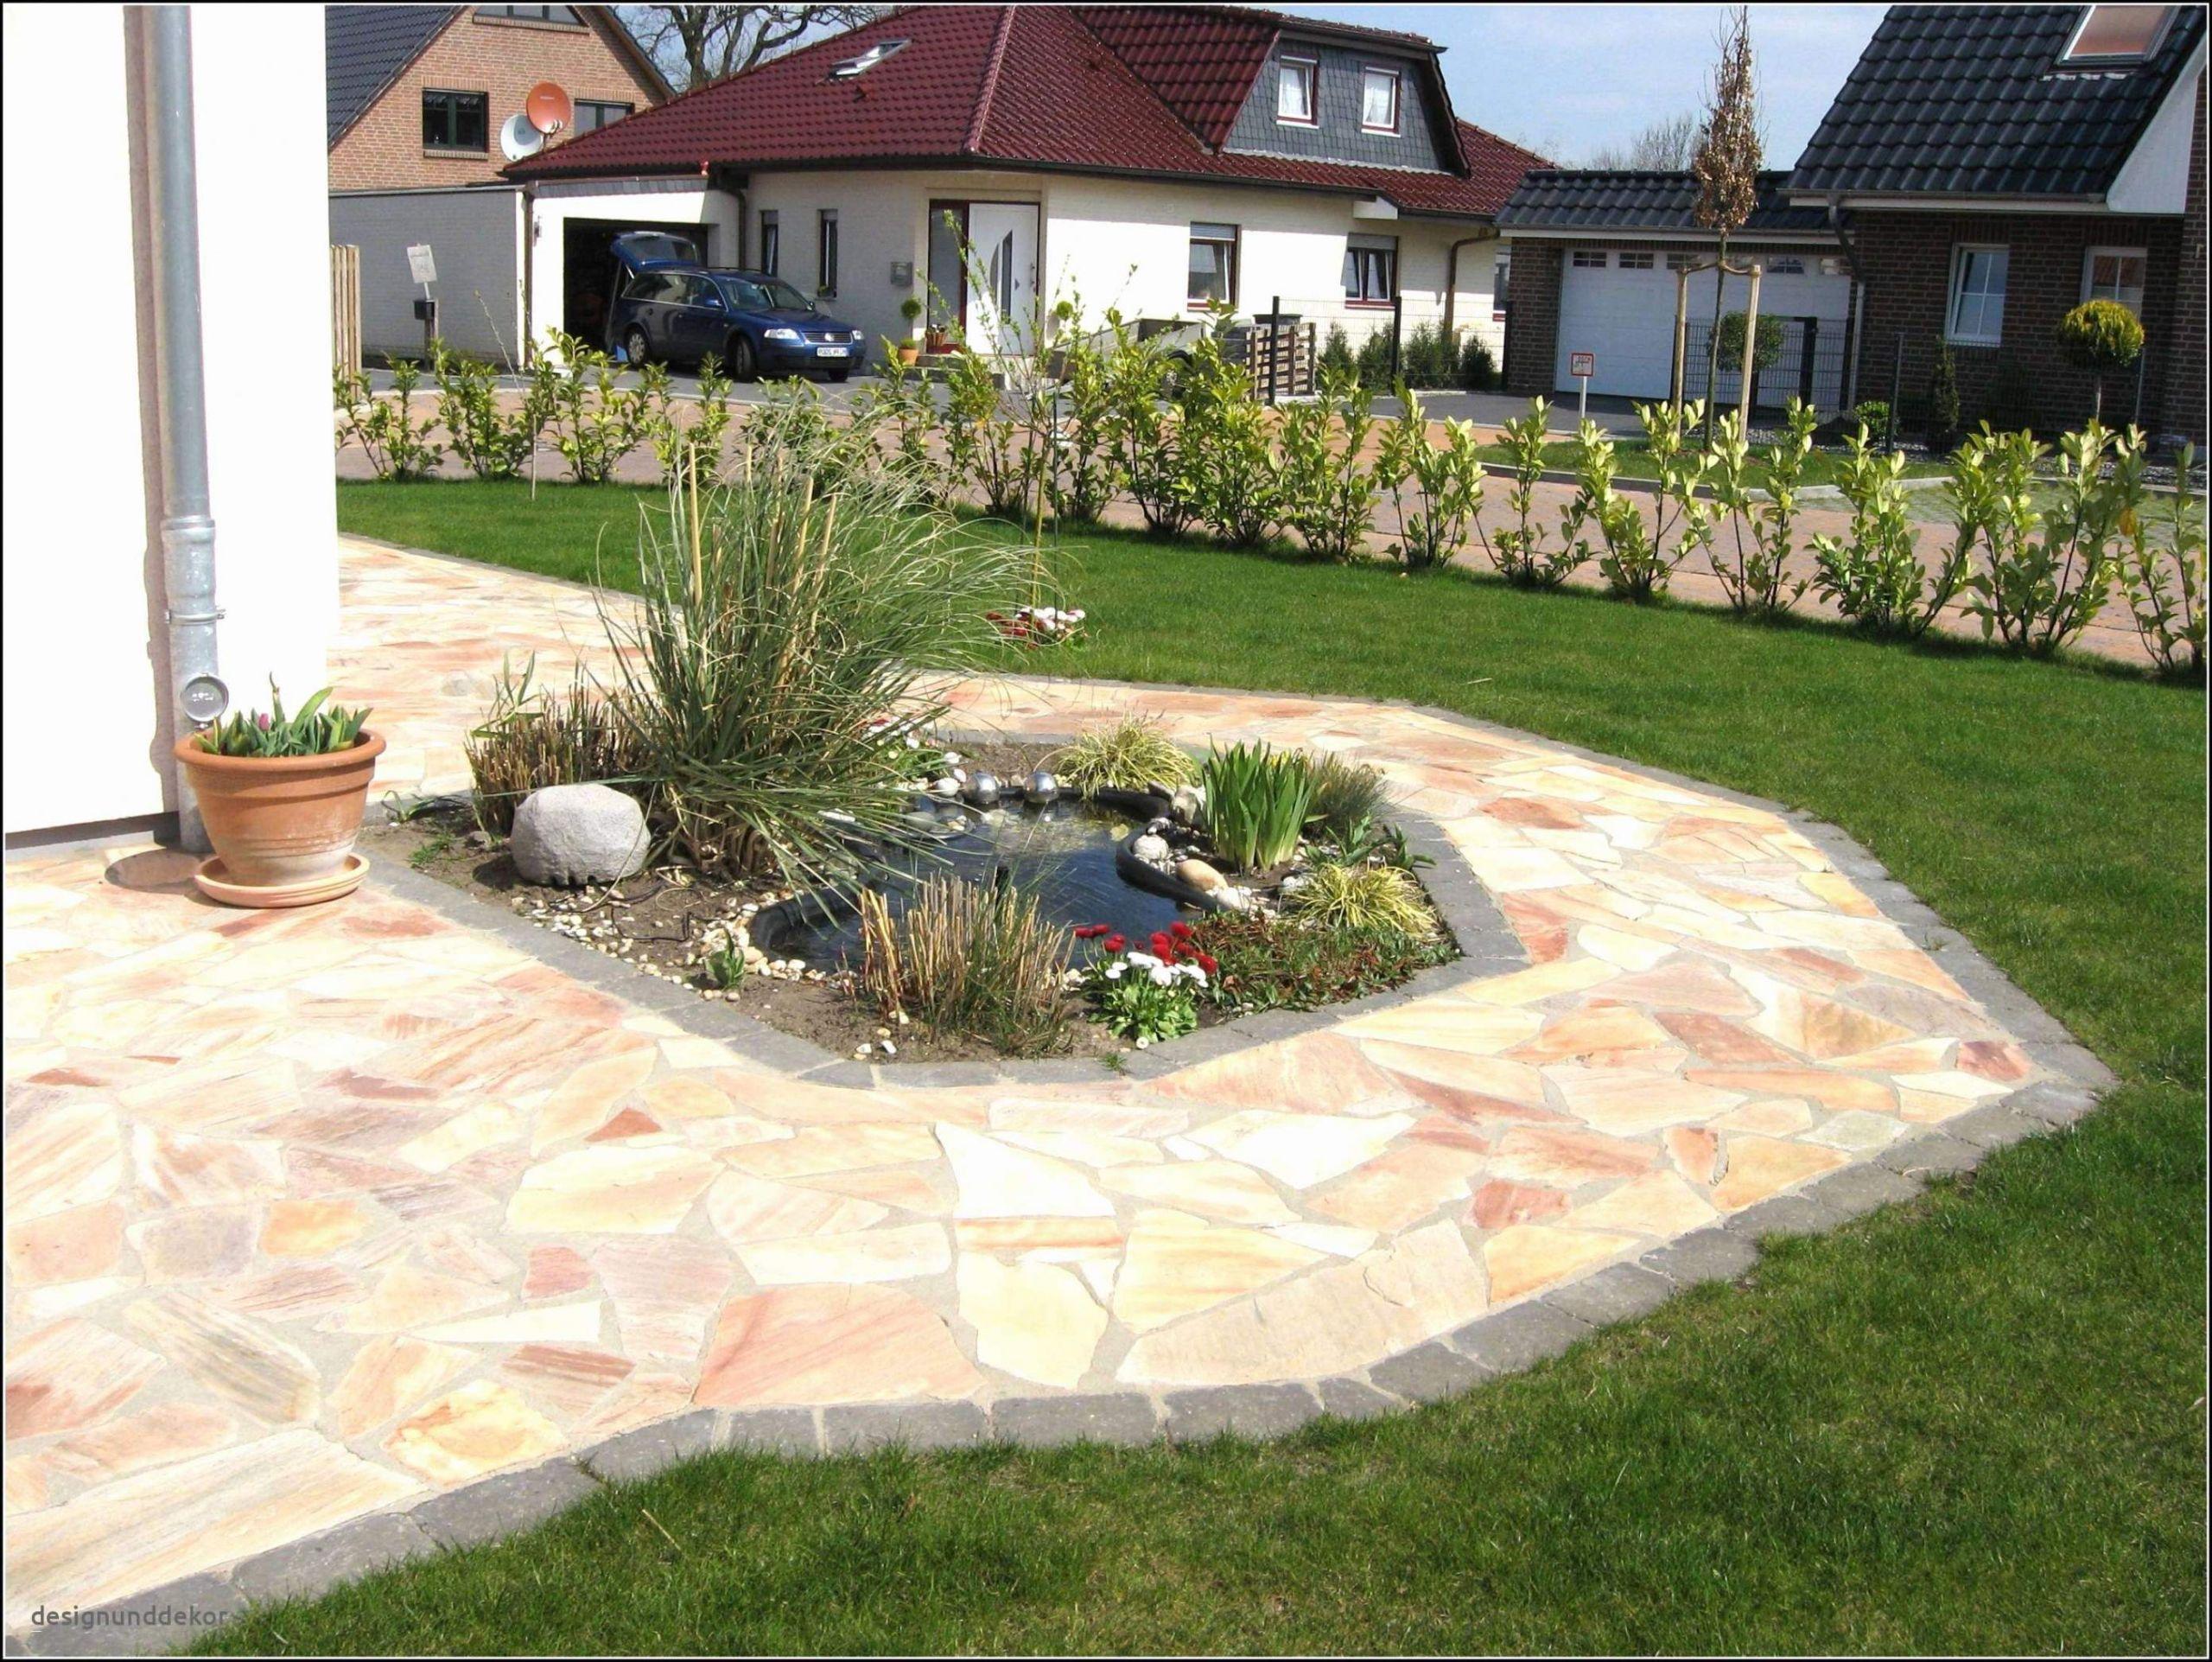 Ideen Gartengestaltung Elegant 36 Luxus Garten Am Hang Ideen Bilder Inspirierend